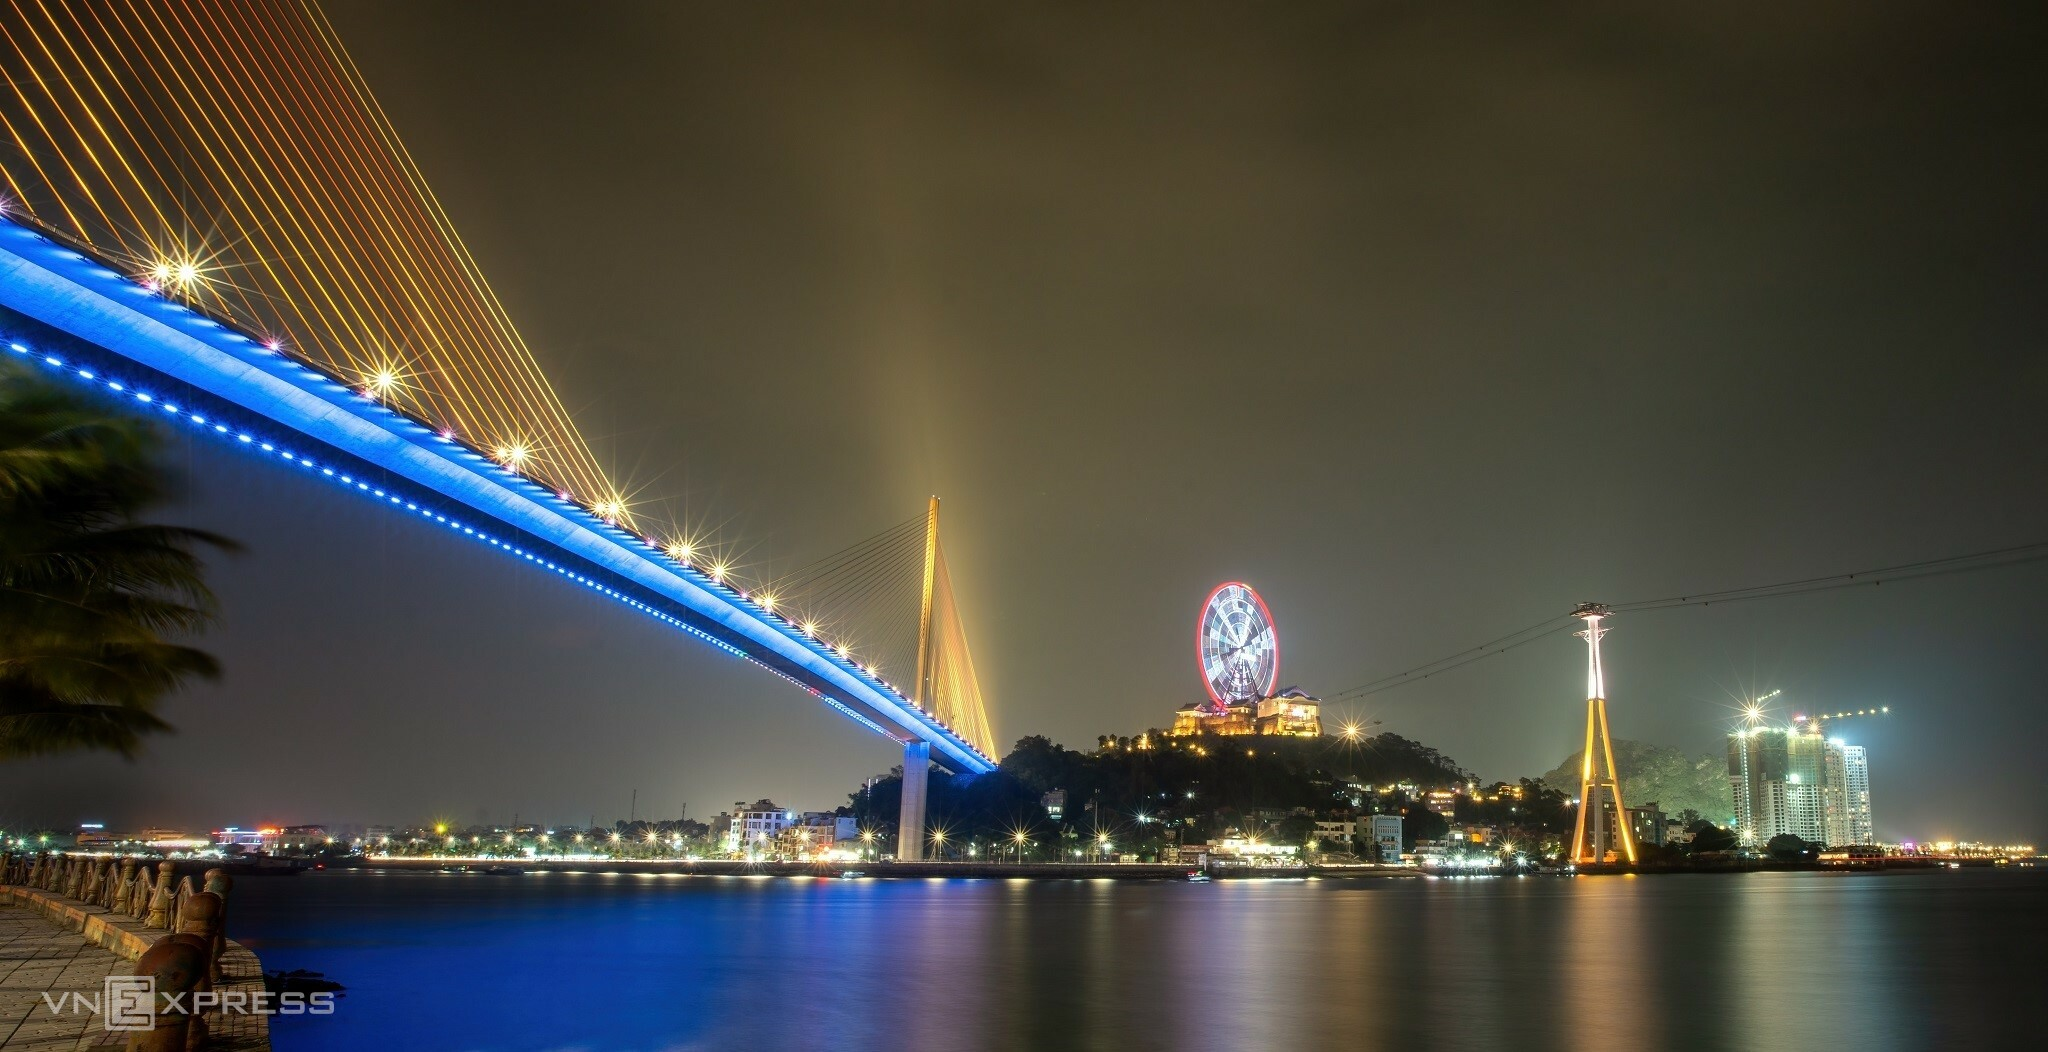 The beauty of Vietnam's iconic bridges